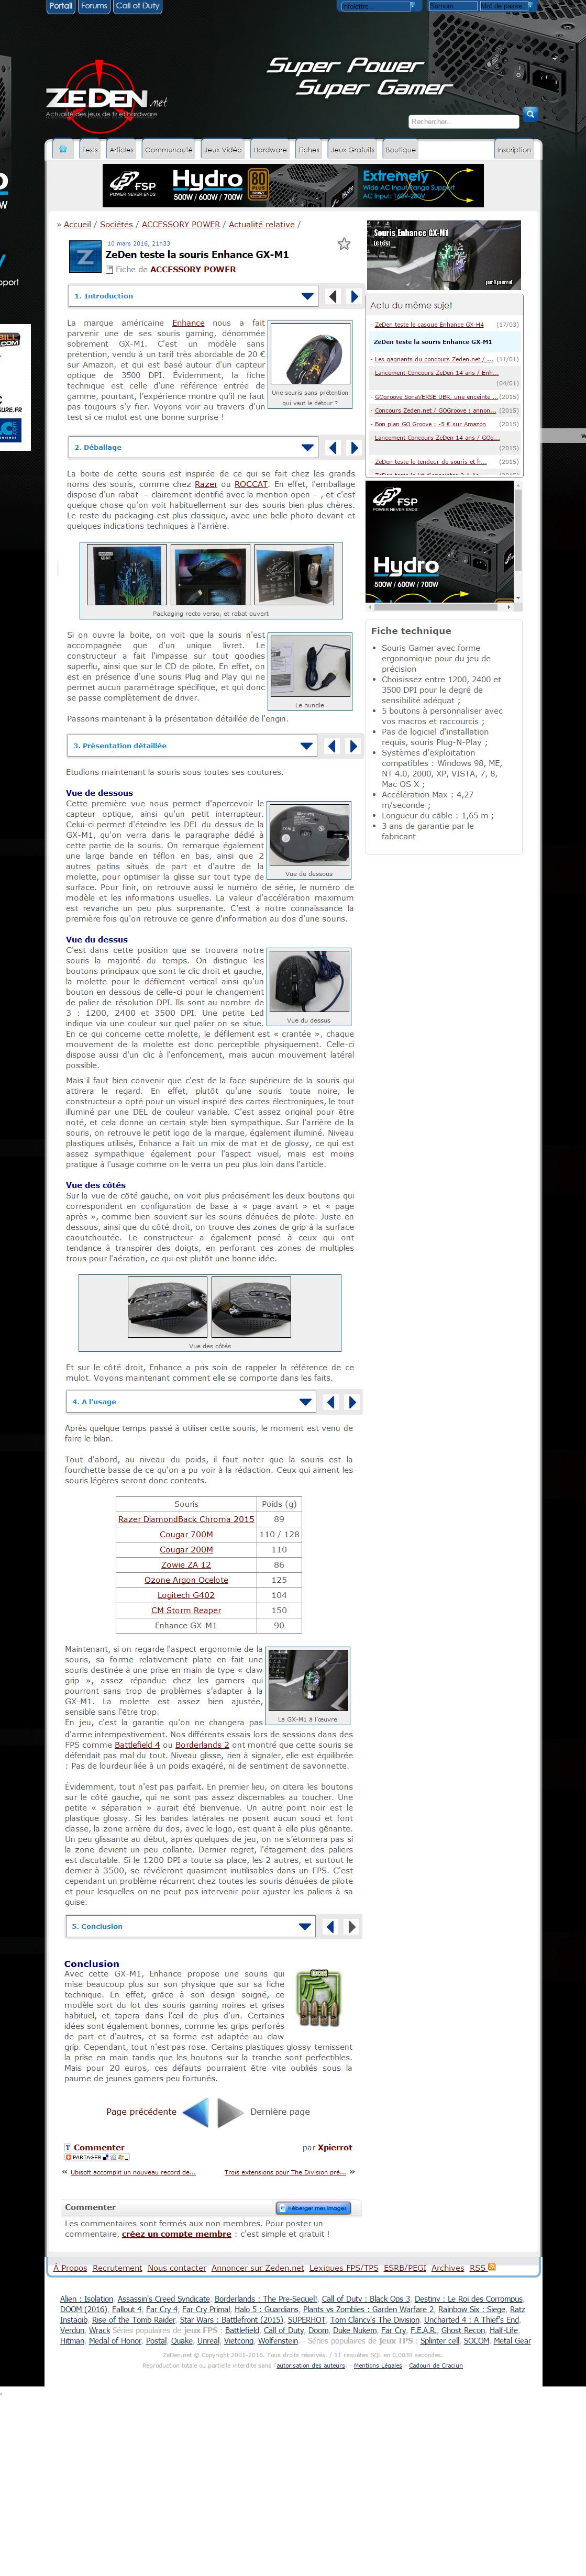 zeden.net review of enhance gx-m1